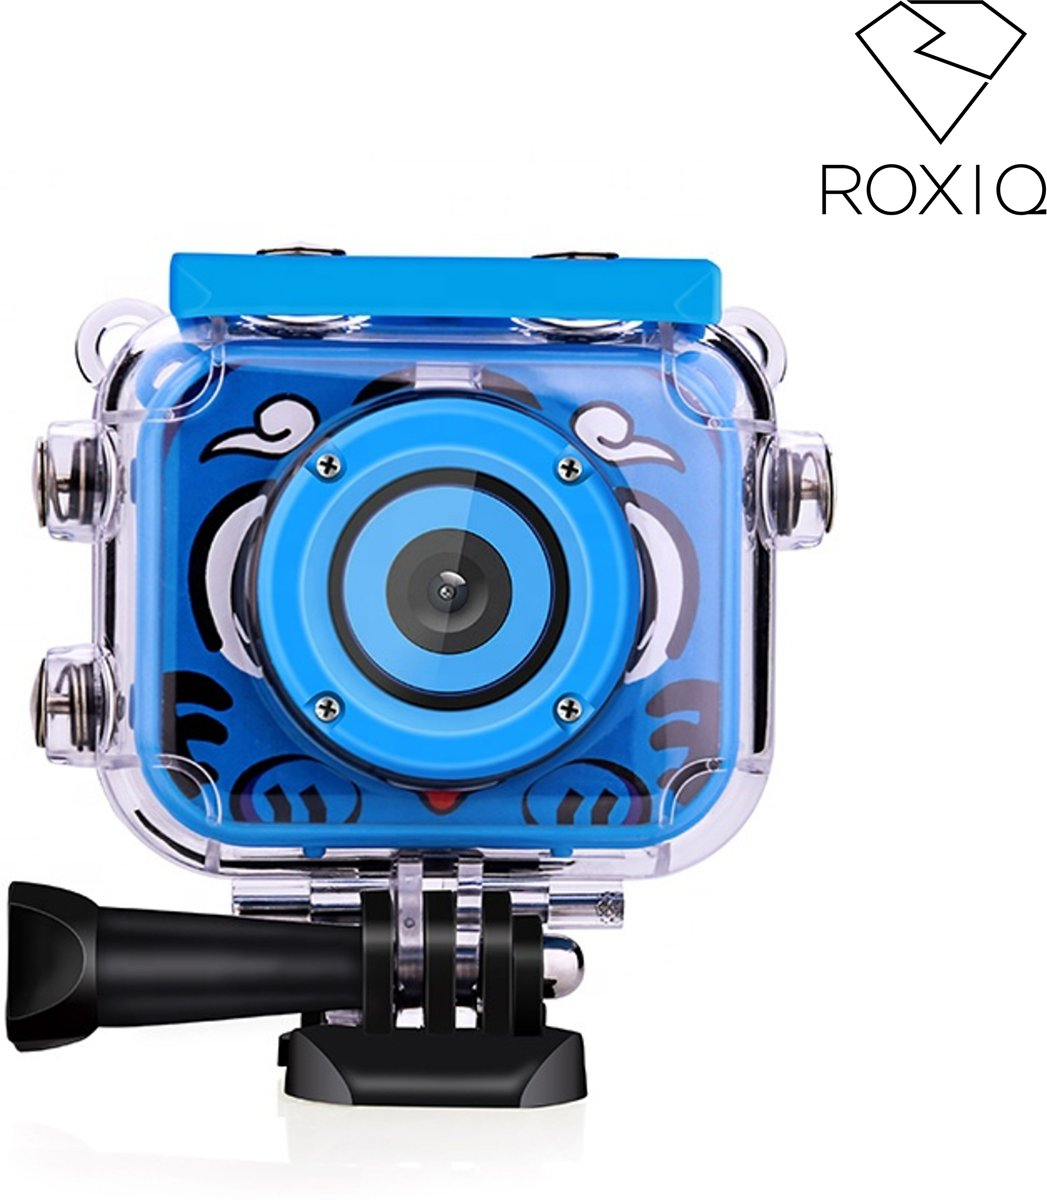 Roxiq kinder sport camera KSC1 blauw  - HD 1080p video - 12 megapixel foto's - Inclusief 16GB SD kaart